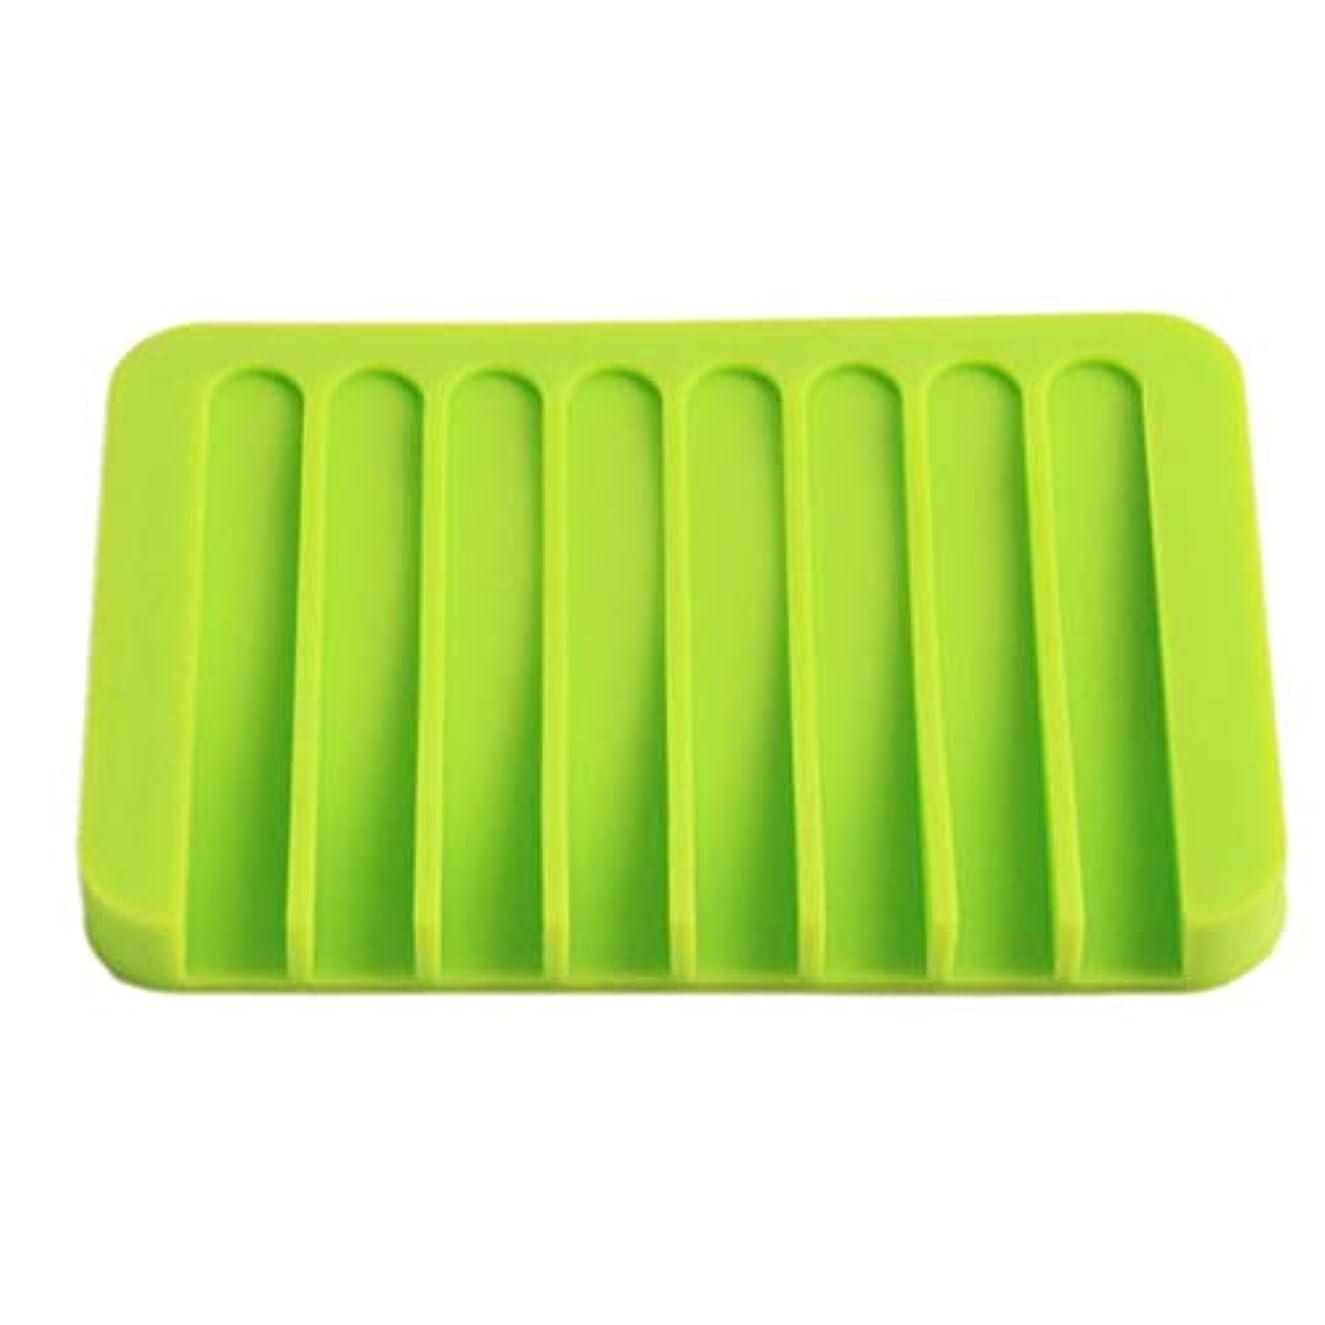 ご飯共和国フリッパーOnior プレミアム品質のシリコーン浴室柔軟な石鹸皿ソープホルダー収納ソープボックスプレートトレイ排水、グリーン